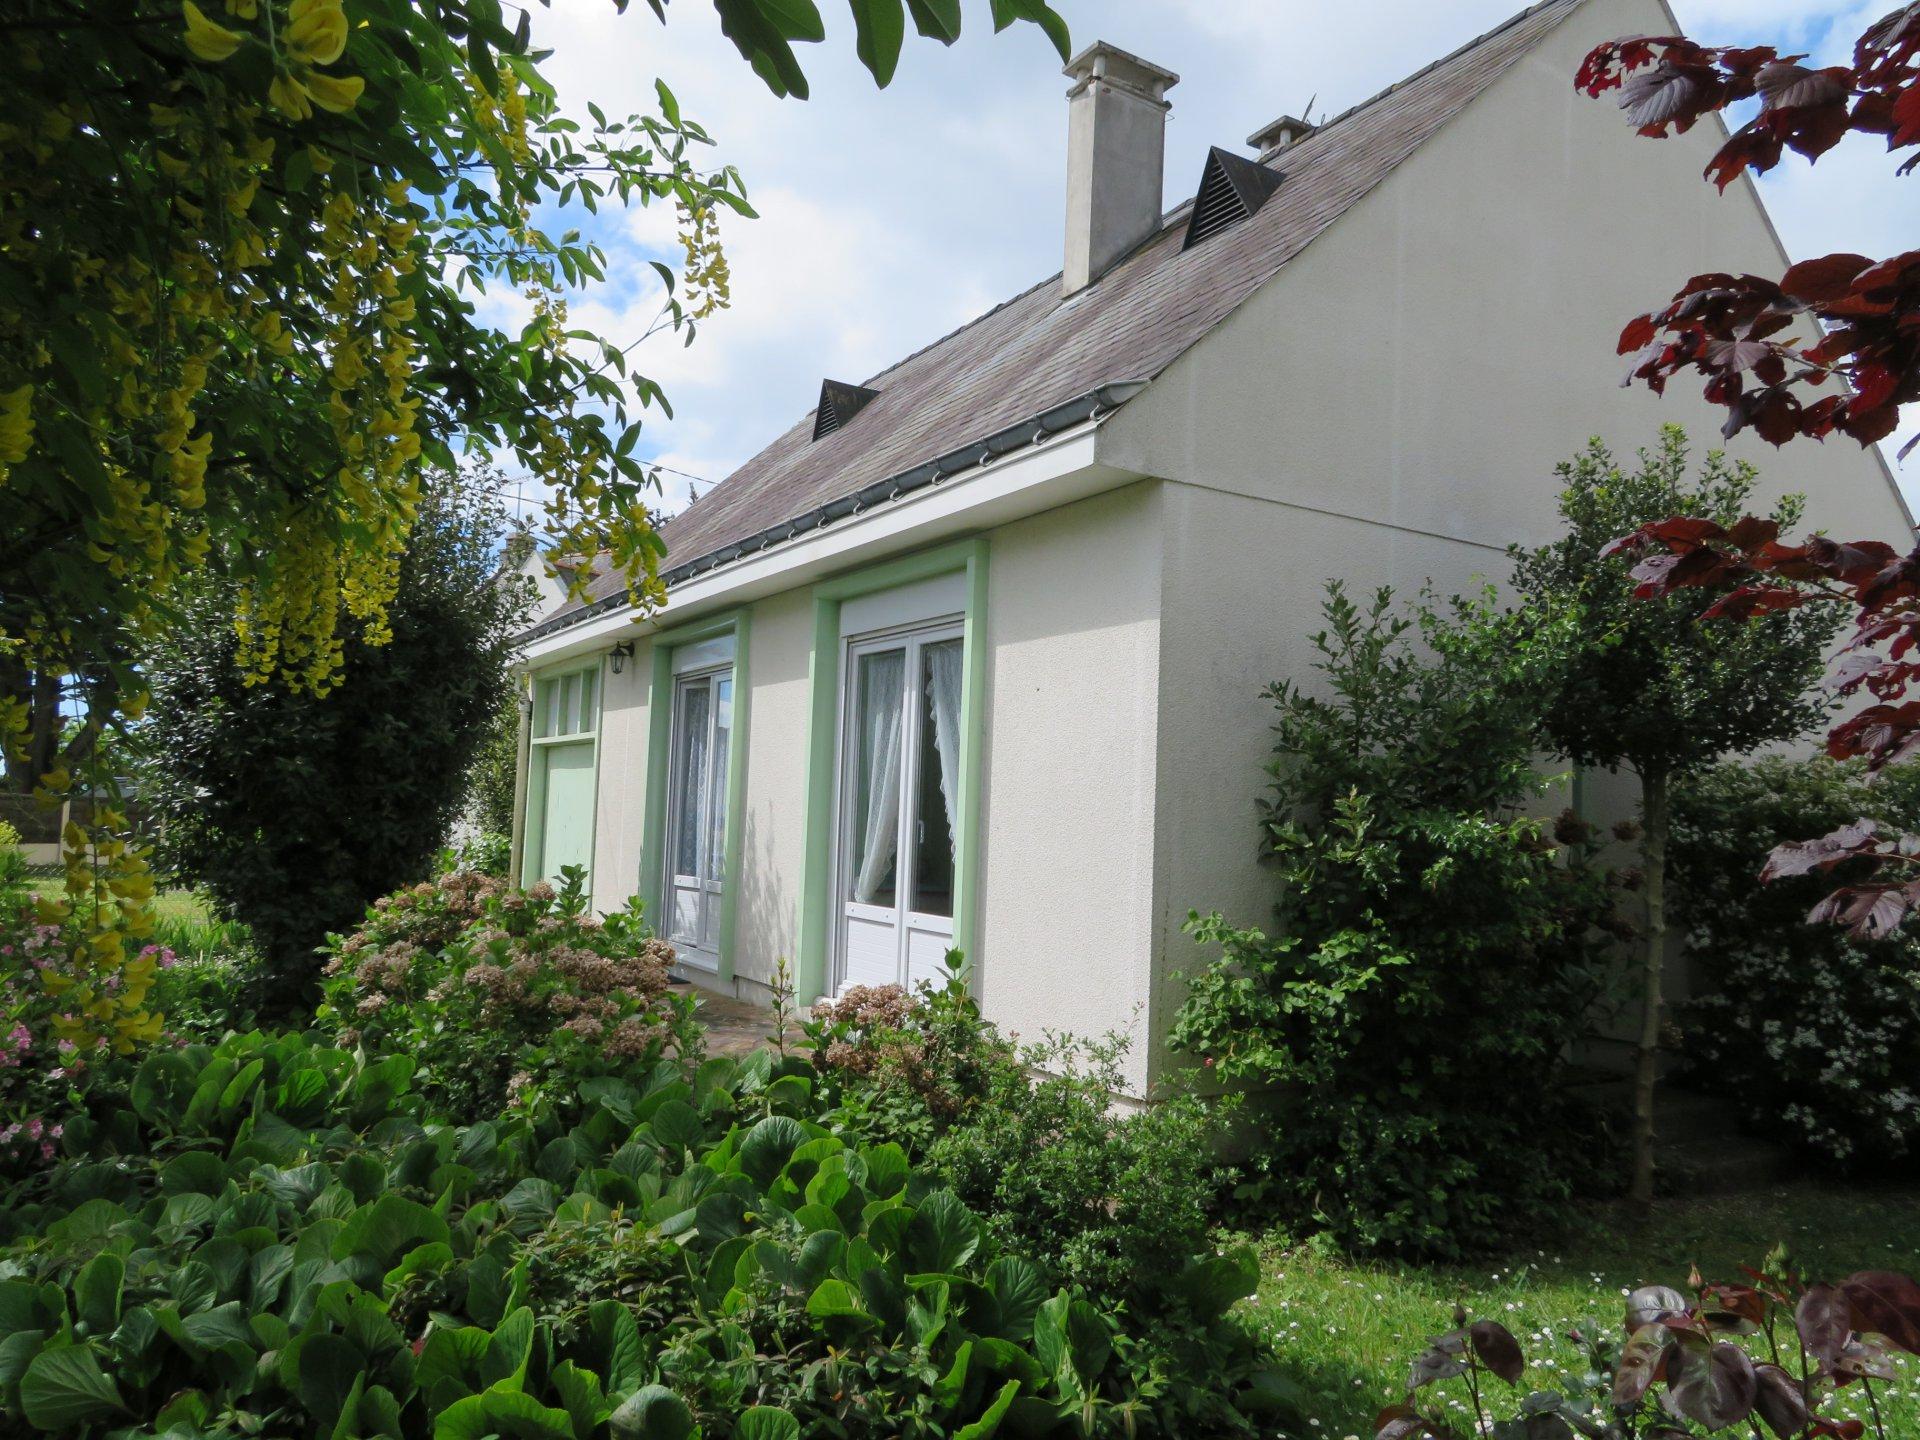 Maison à louer à Damgan Entre Damgan et Pénerf maison avec jardin 2 chambres